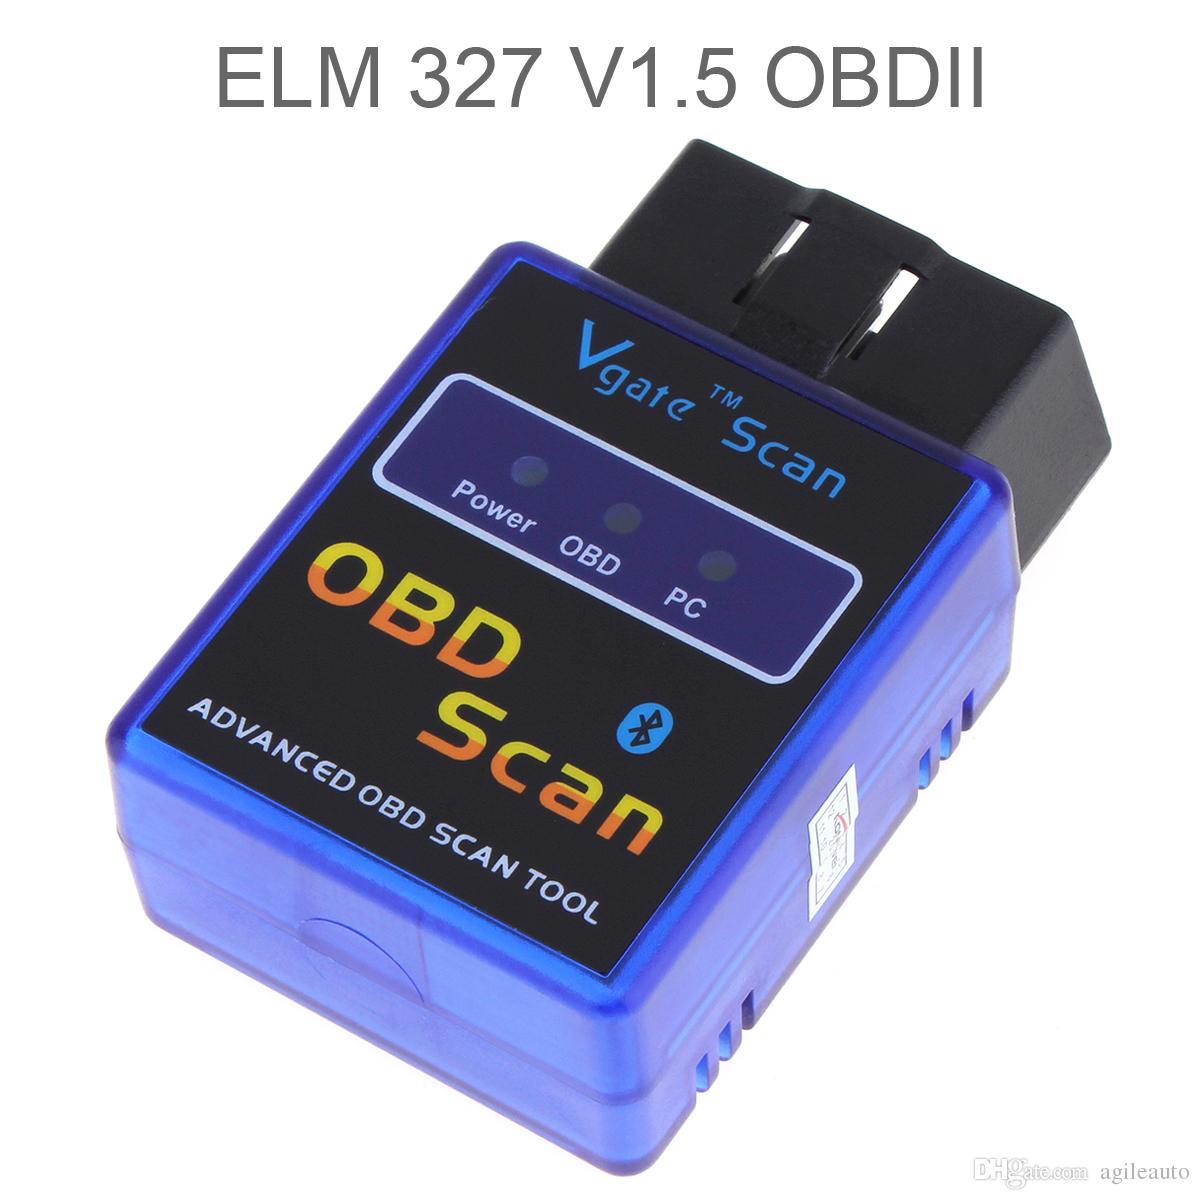 Universale Mini ELM327 V1.5 Bluetooth Wireless OBD2 Code Reader veicolo auto auto strumento di scansione diagnostica CEC_A01